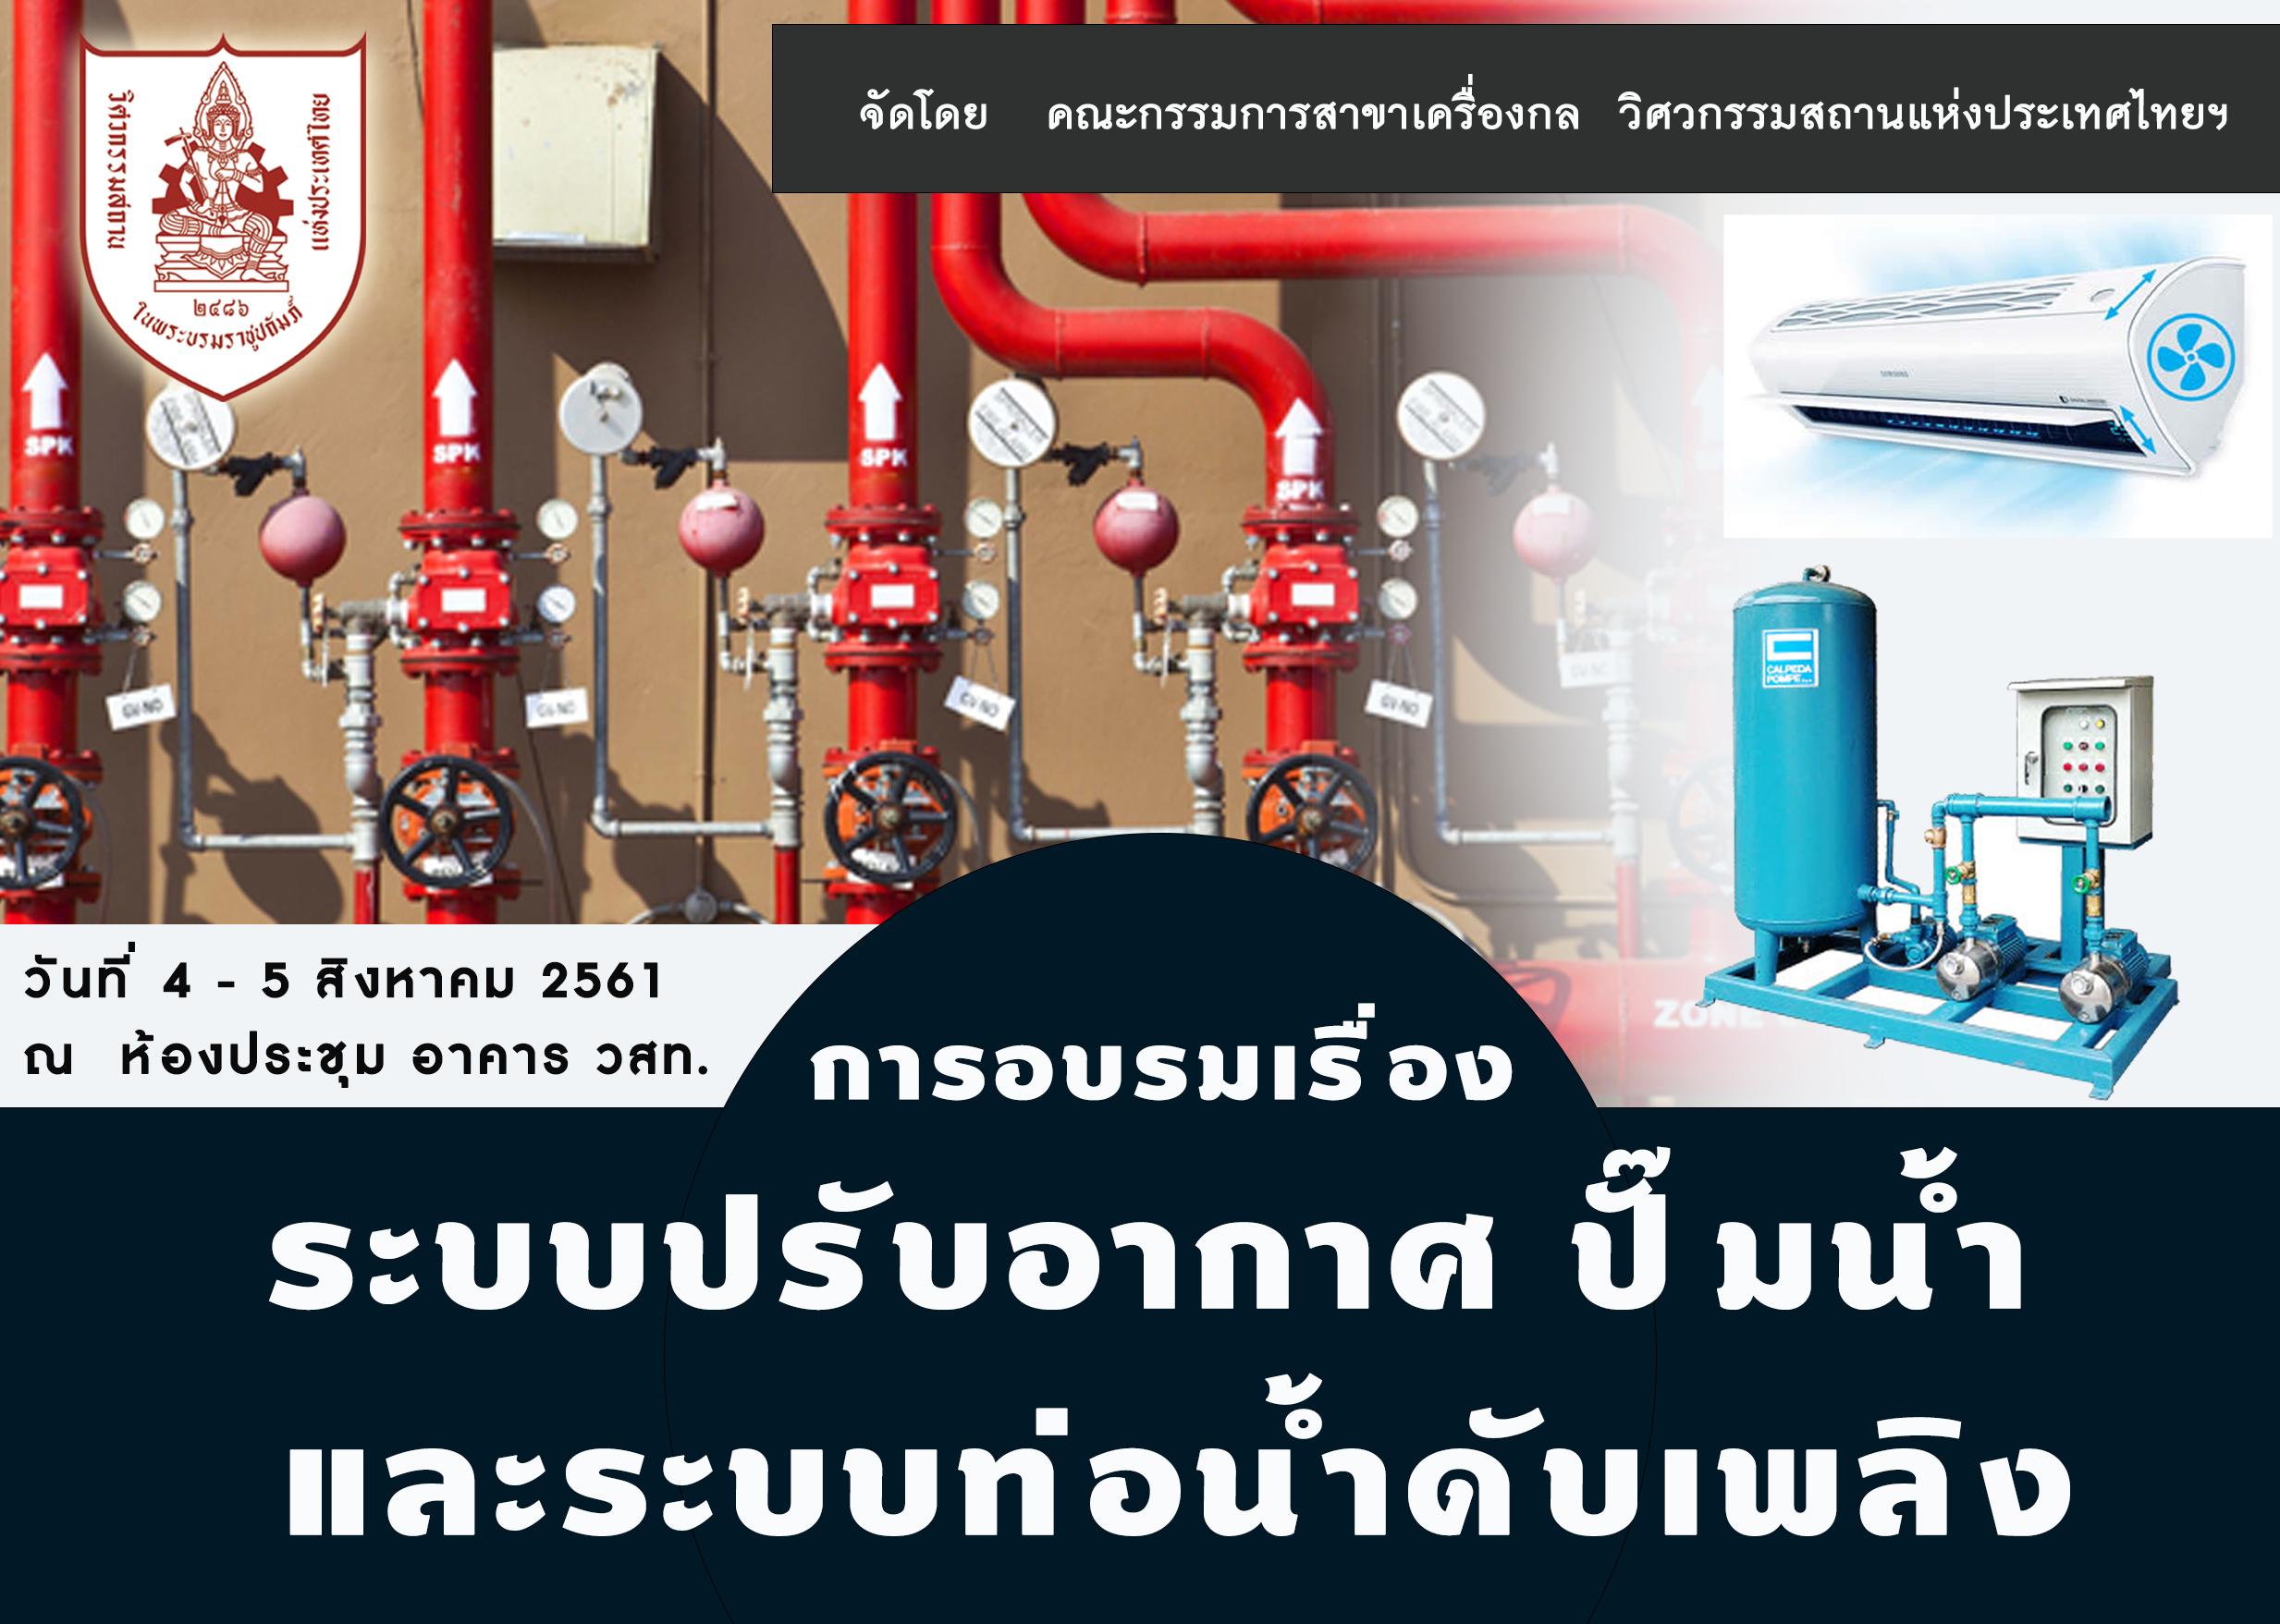 4-5/08/2561 การอบรมเรื่อง ระบบปรับอากาศ ปั๊มน้ำ และระบบท่อน้ำดับเพลิง  รุ่นที่ 2